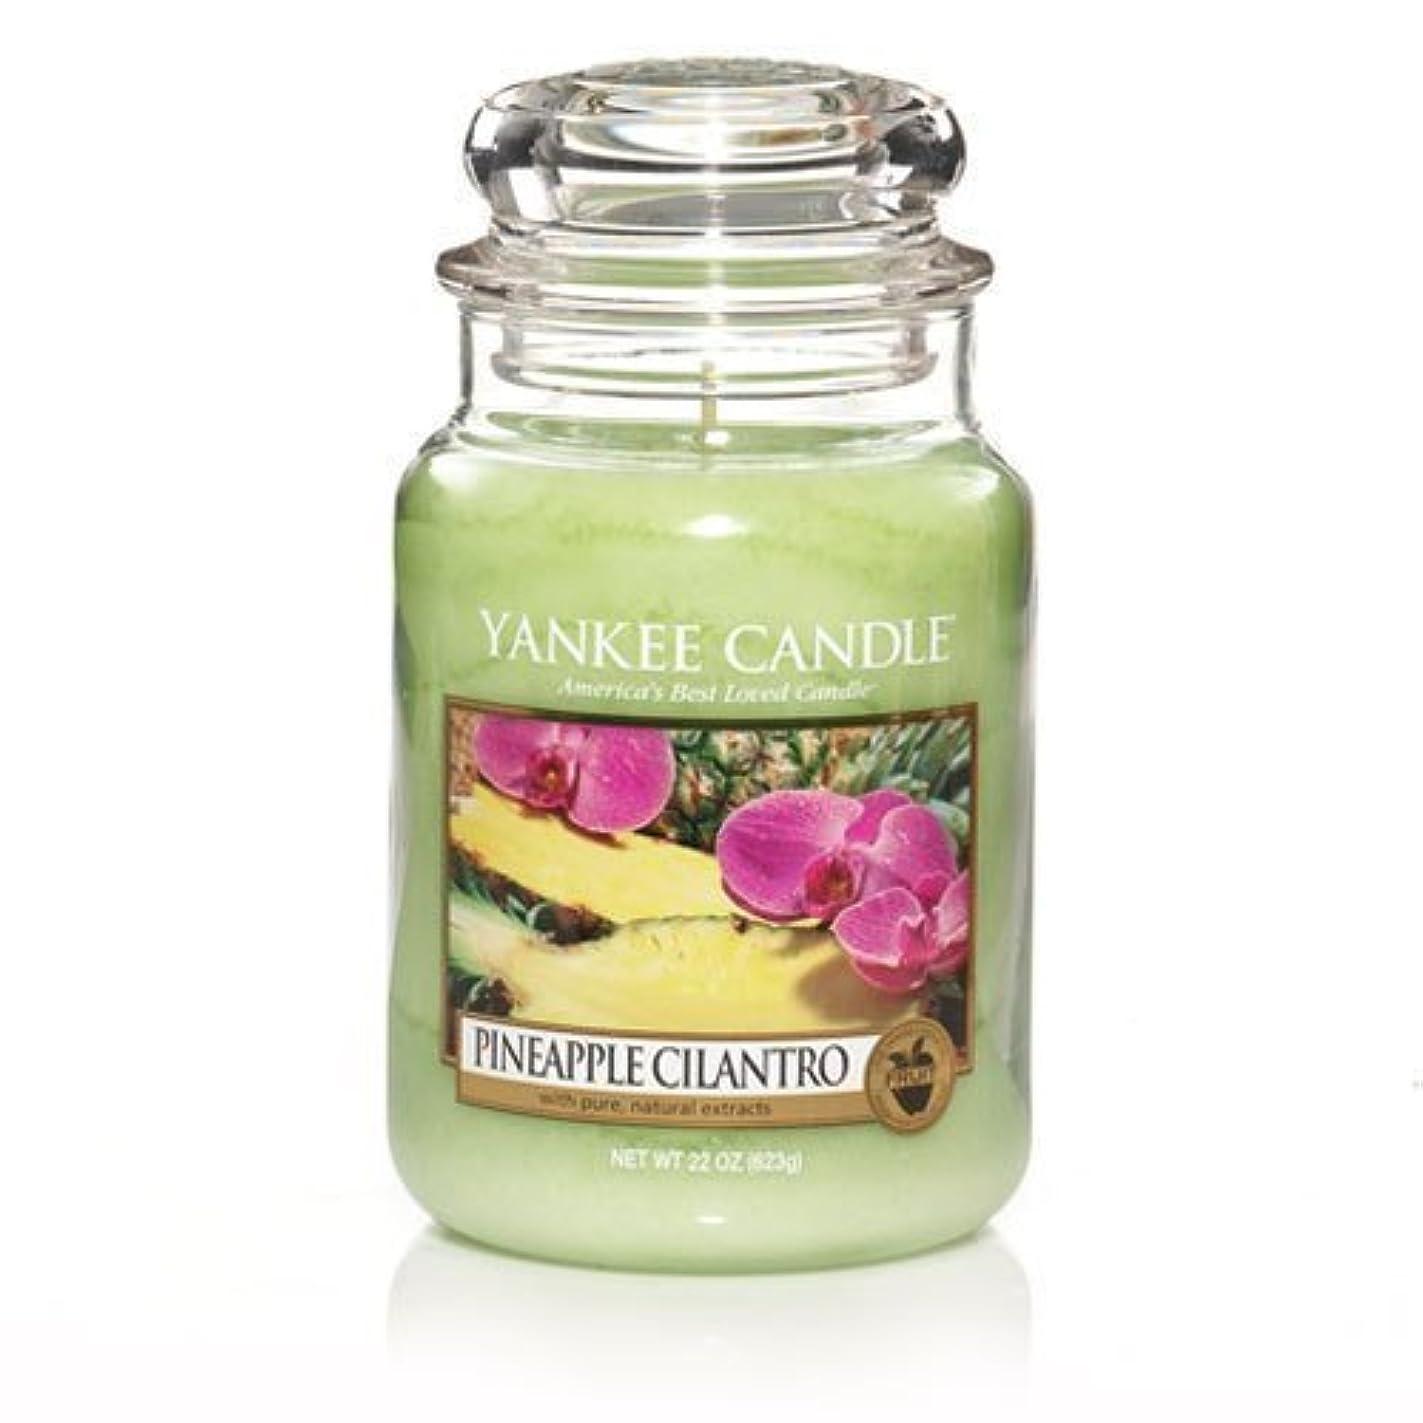 福祉学んだイベントYankee Candle Pineapple Cilantro Large Jar 22oz Candle by Amazon source [並行輸入品]